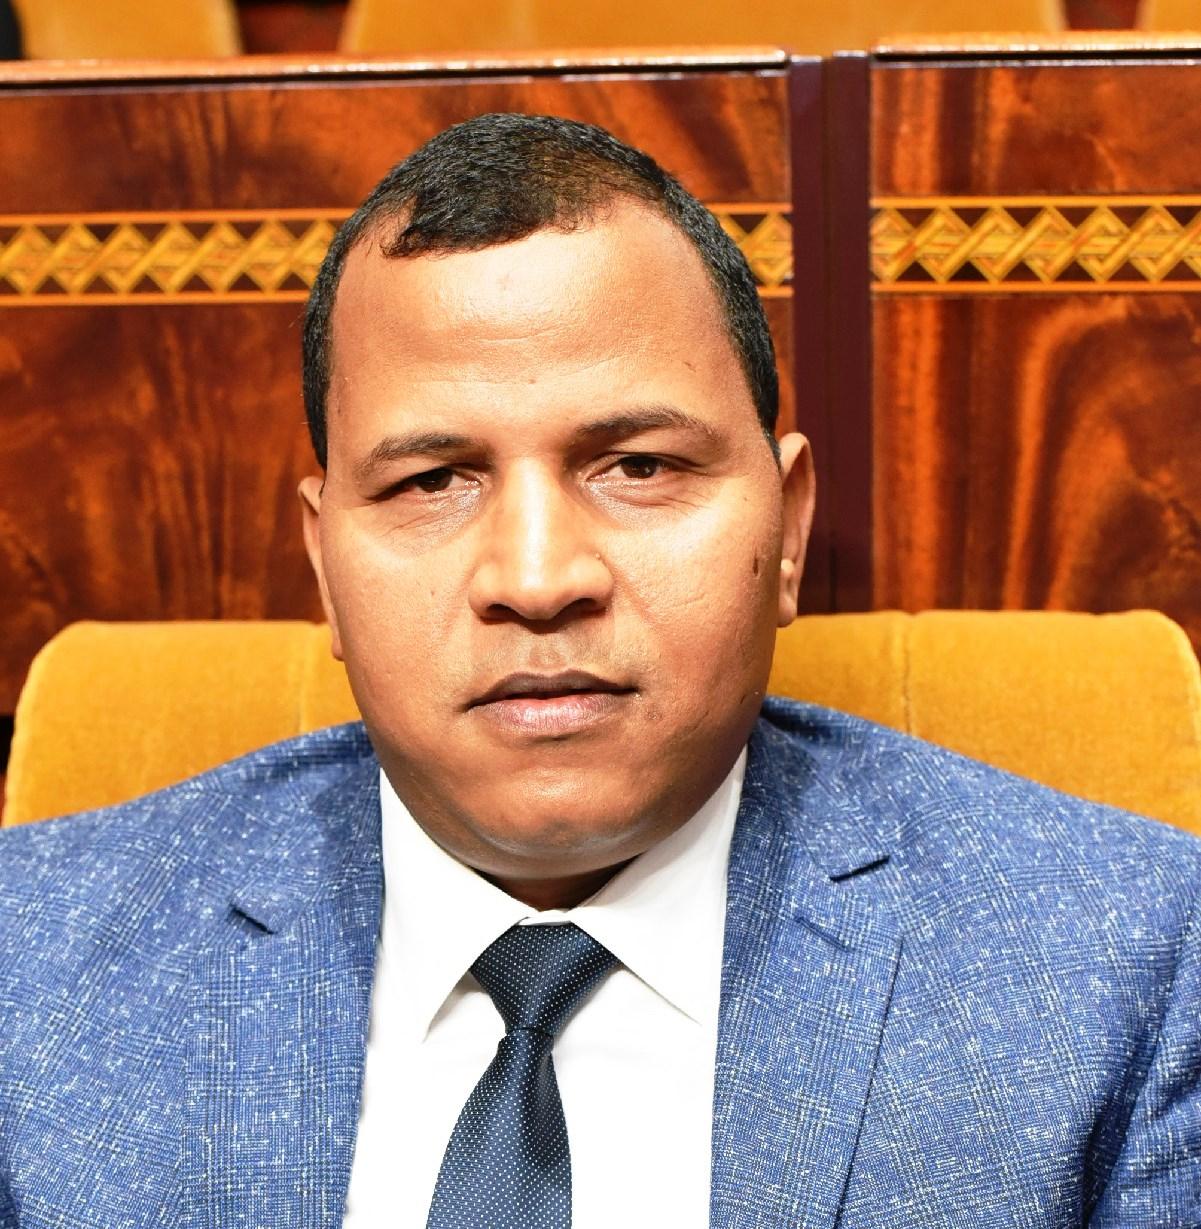 مداخلة الفريق الاستقلالي في مناقشة مشروعي القانونين التنظيميين حول الأمازيغية والمجلس الوطني للغات